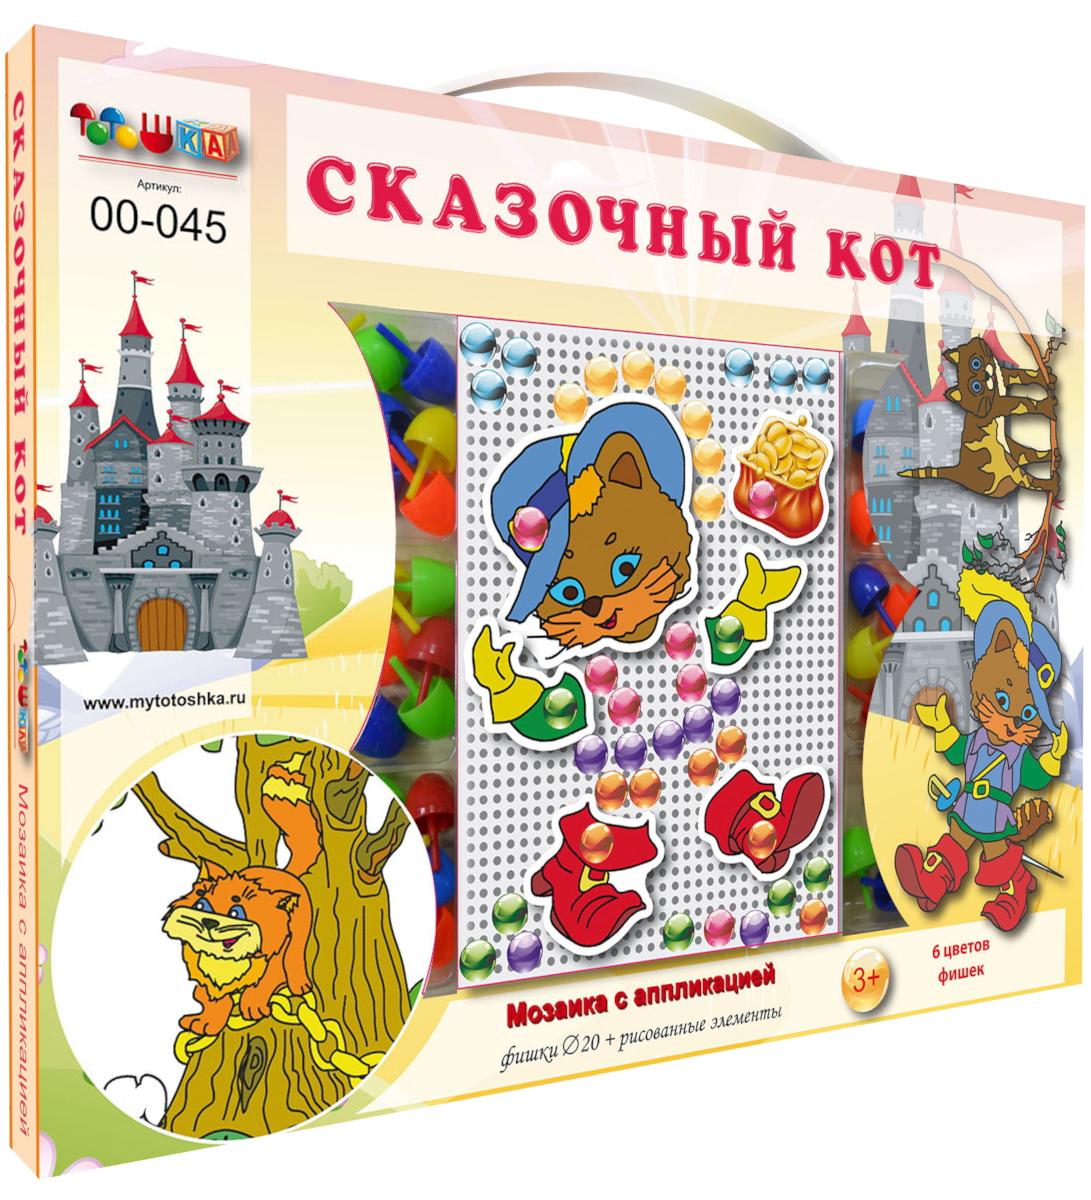 Тотошка Мозаика Сказочный коттт00-045Мозаика – дает возможность вашему ребенку выложить яркую картинку. Играя в мозаику, ваш малыш разовьет мелкую моторику рук, фантазию, творческие навыки и логическое мышление. Все элементы игры изготовлены из, высококачественных материалов, абсолютно безопасных для здоровья ребенка.